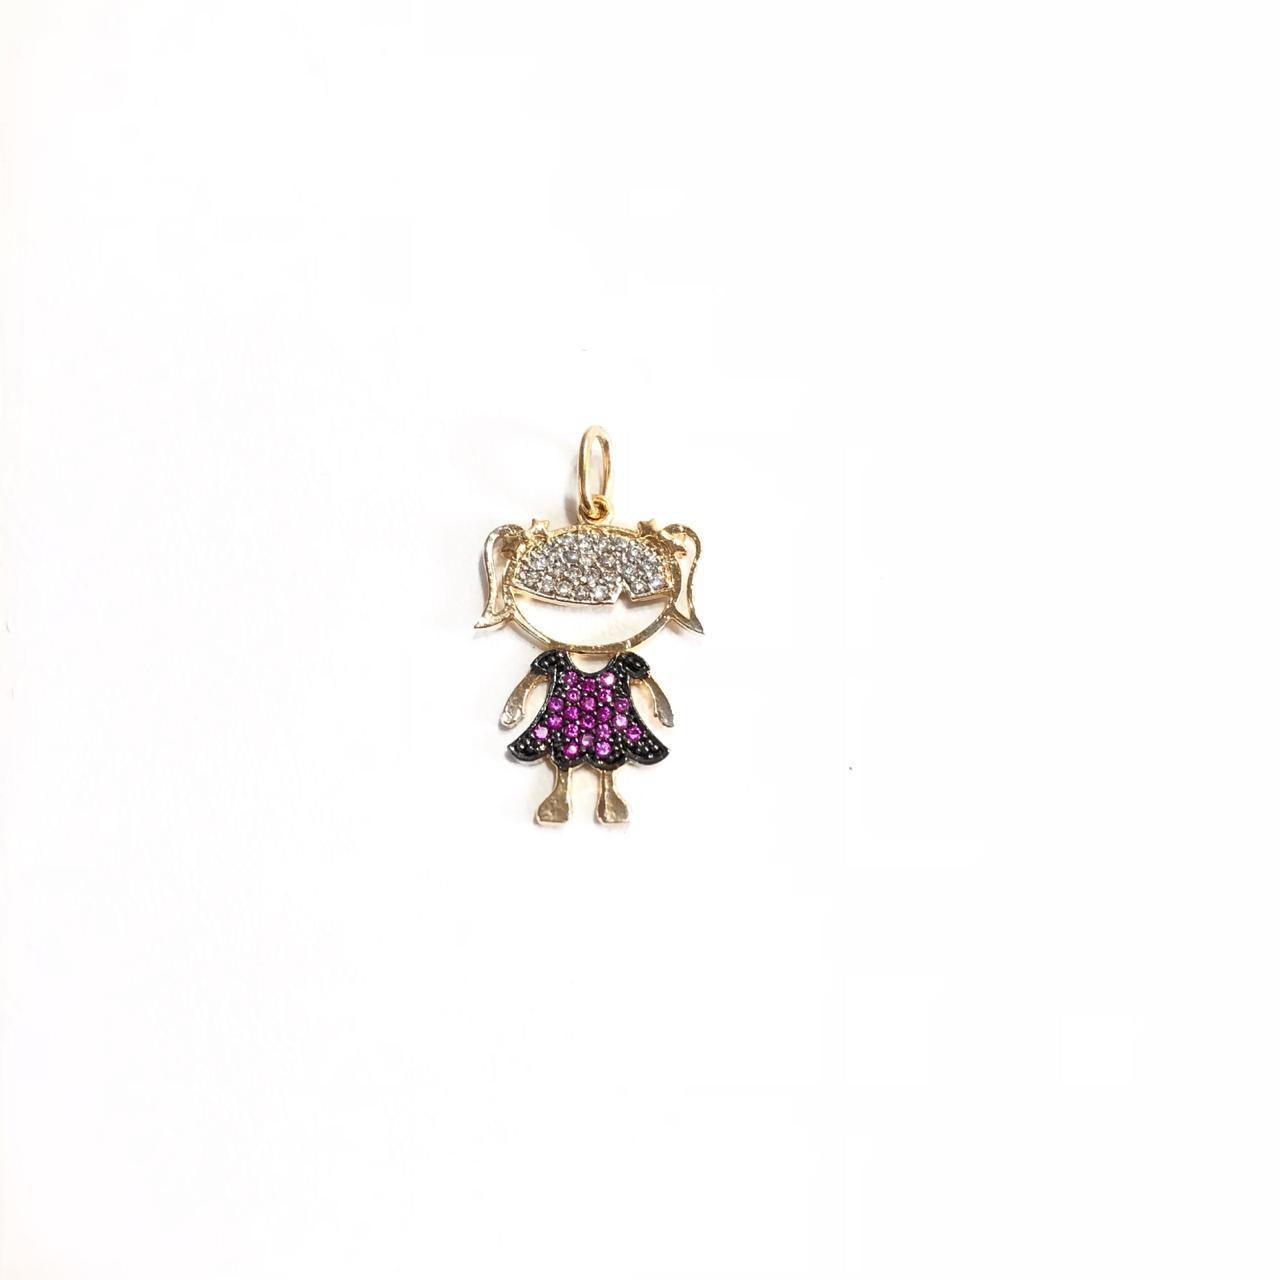 Pingente Menina em Prata 925 Cravejado com Zircônias Cor de Rosa Banho Ouro 18K